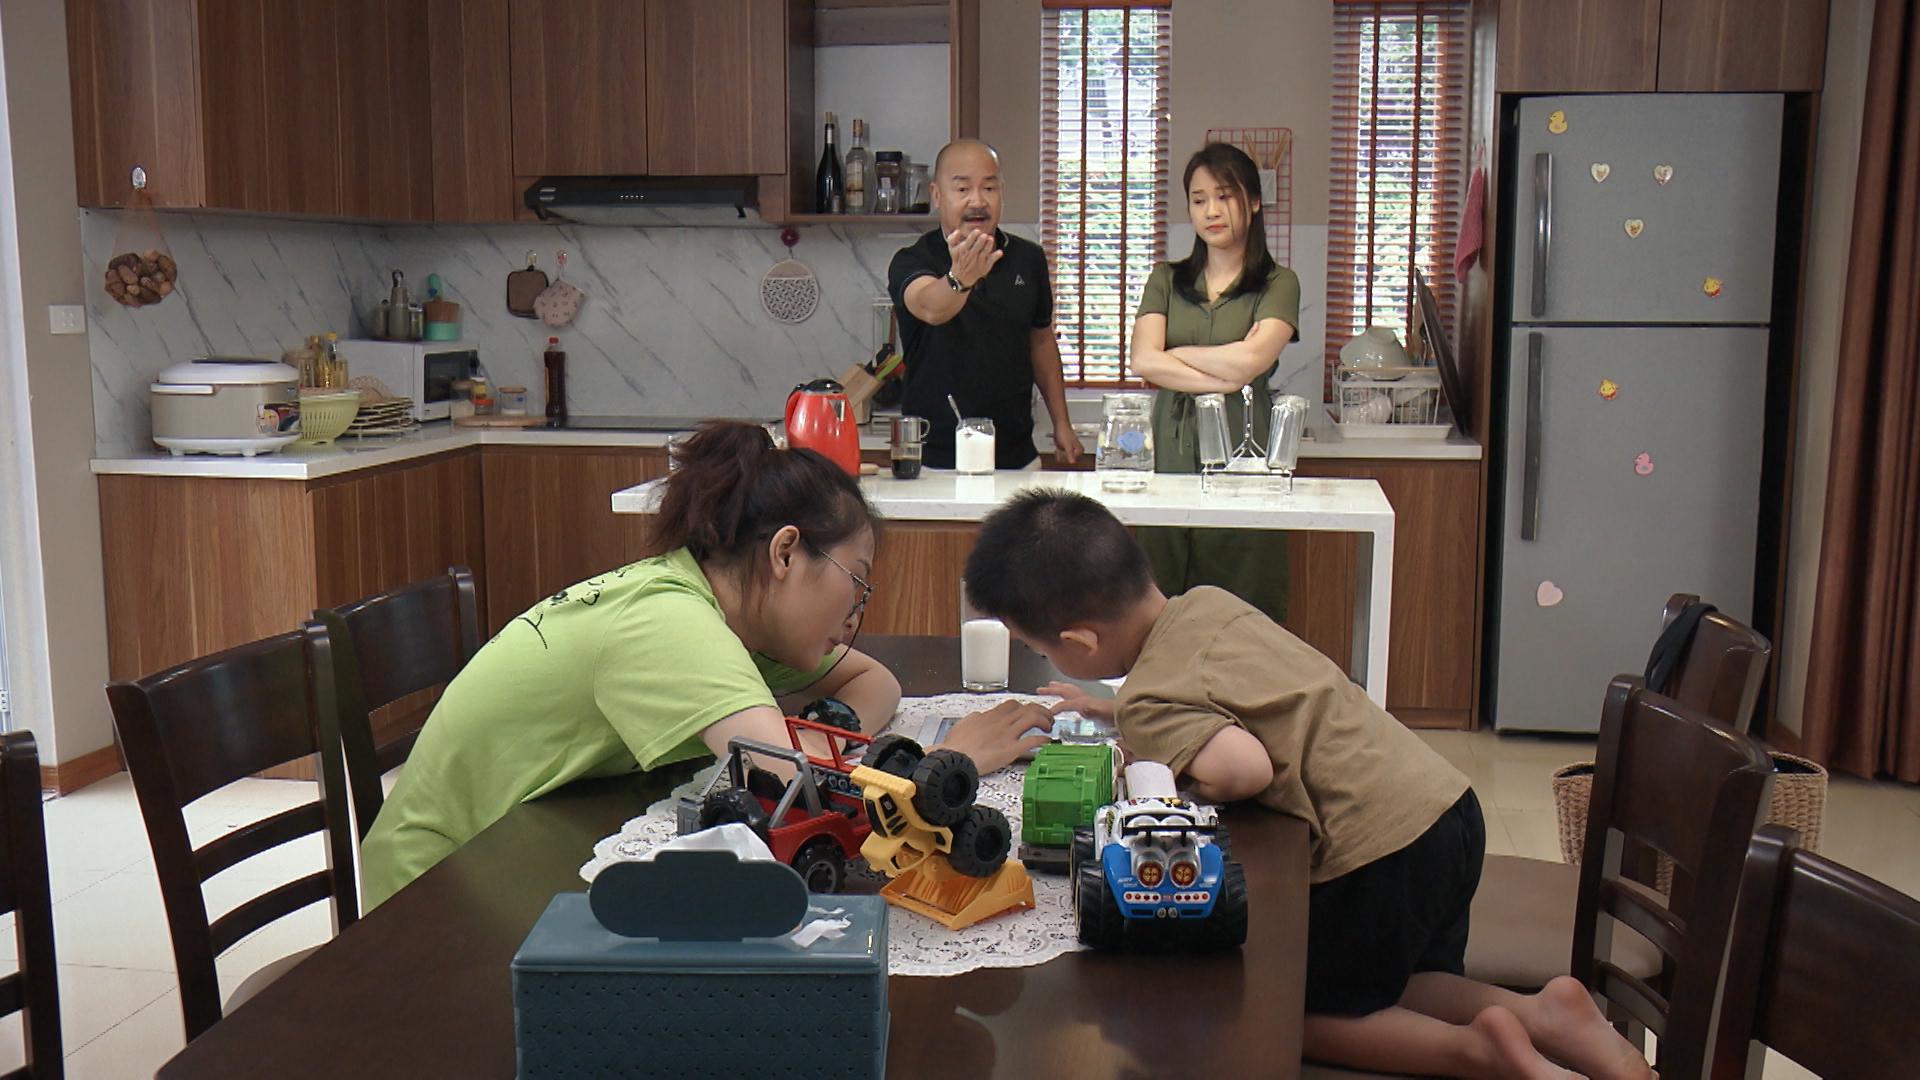 'Mẹ ơi, bố đâu rồi' tập 2: Phát hiện có người theo dõi, Quỳnh Kool xịt hơi cay và ngã ngửa khi nạn nhân là bố mình 1